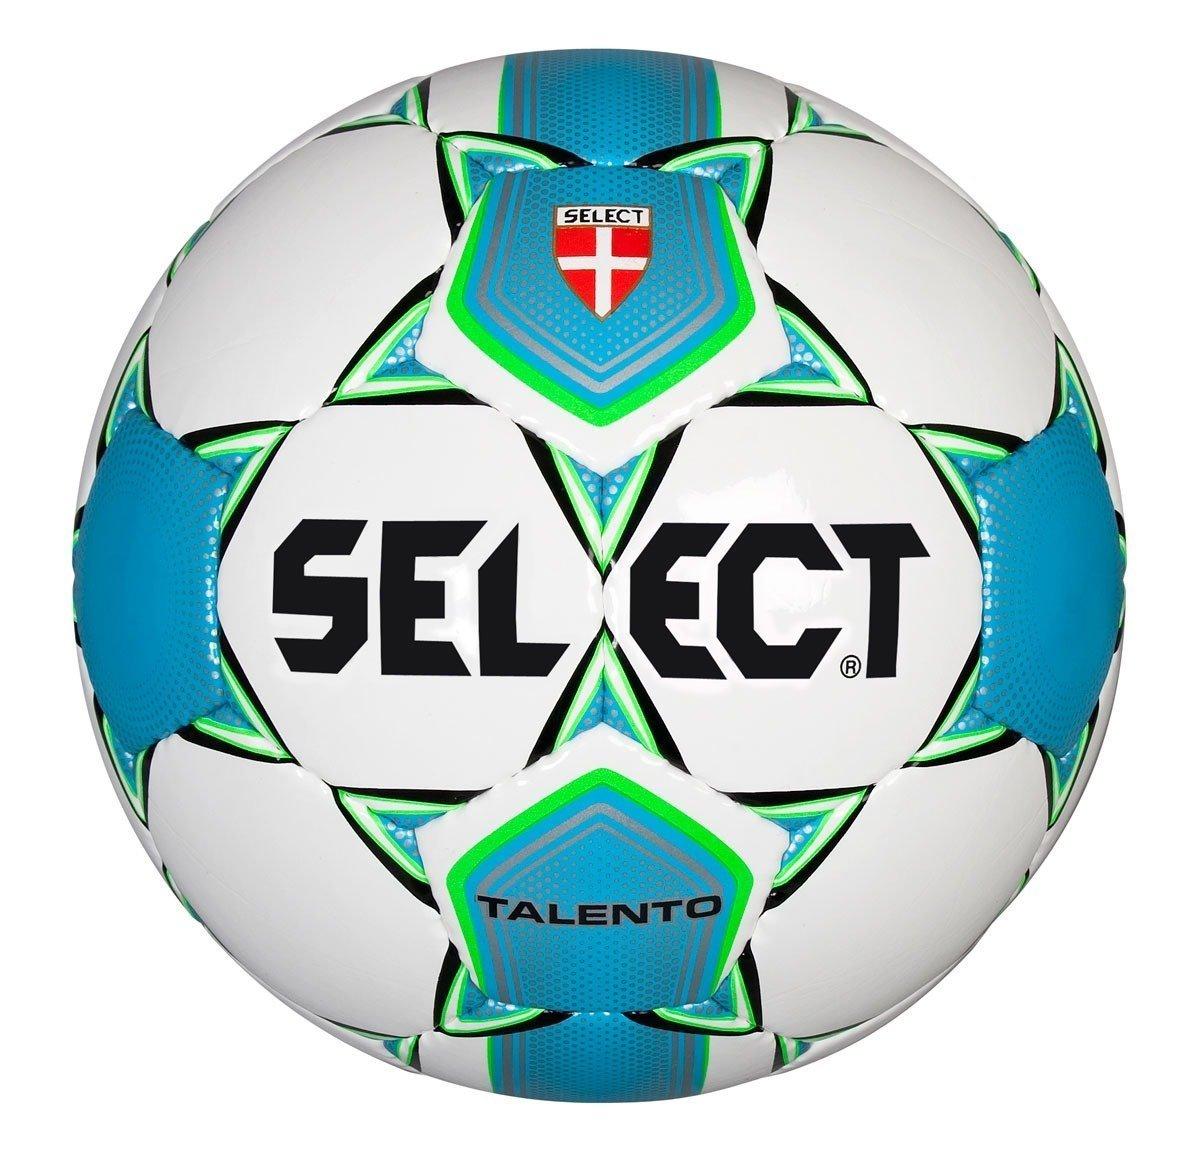 Select – Select talento fodbold - str. 3 på billigsport24